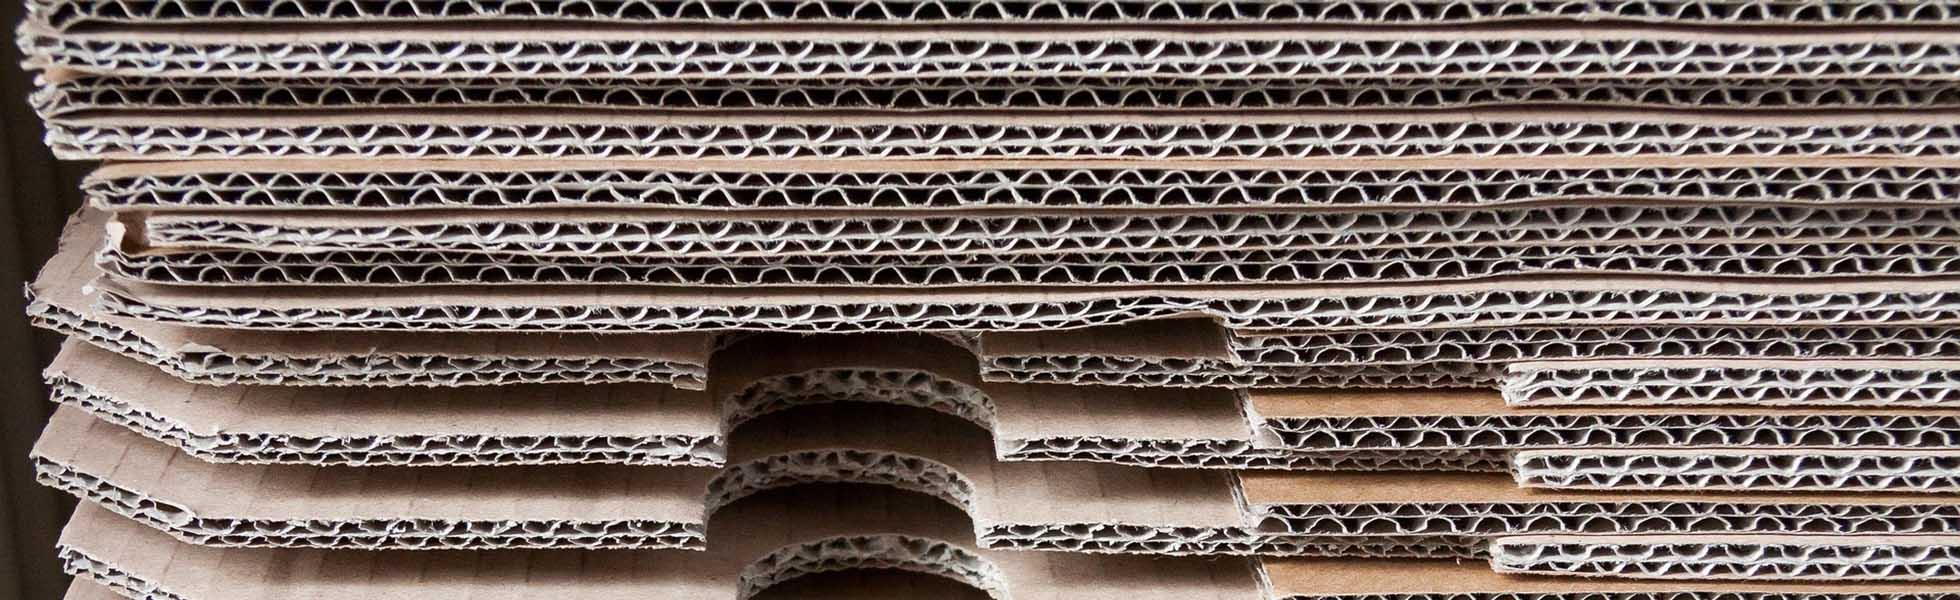 Scatole in Cartone Ondulato - Pisani Spa